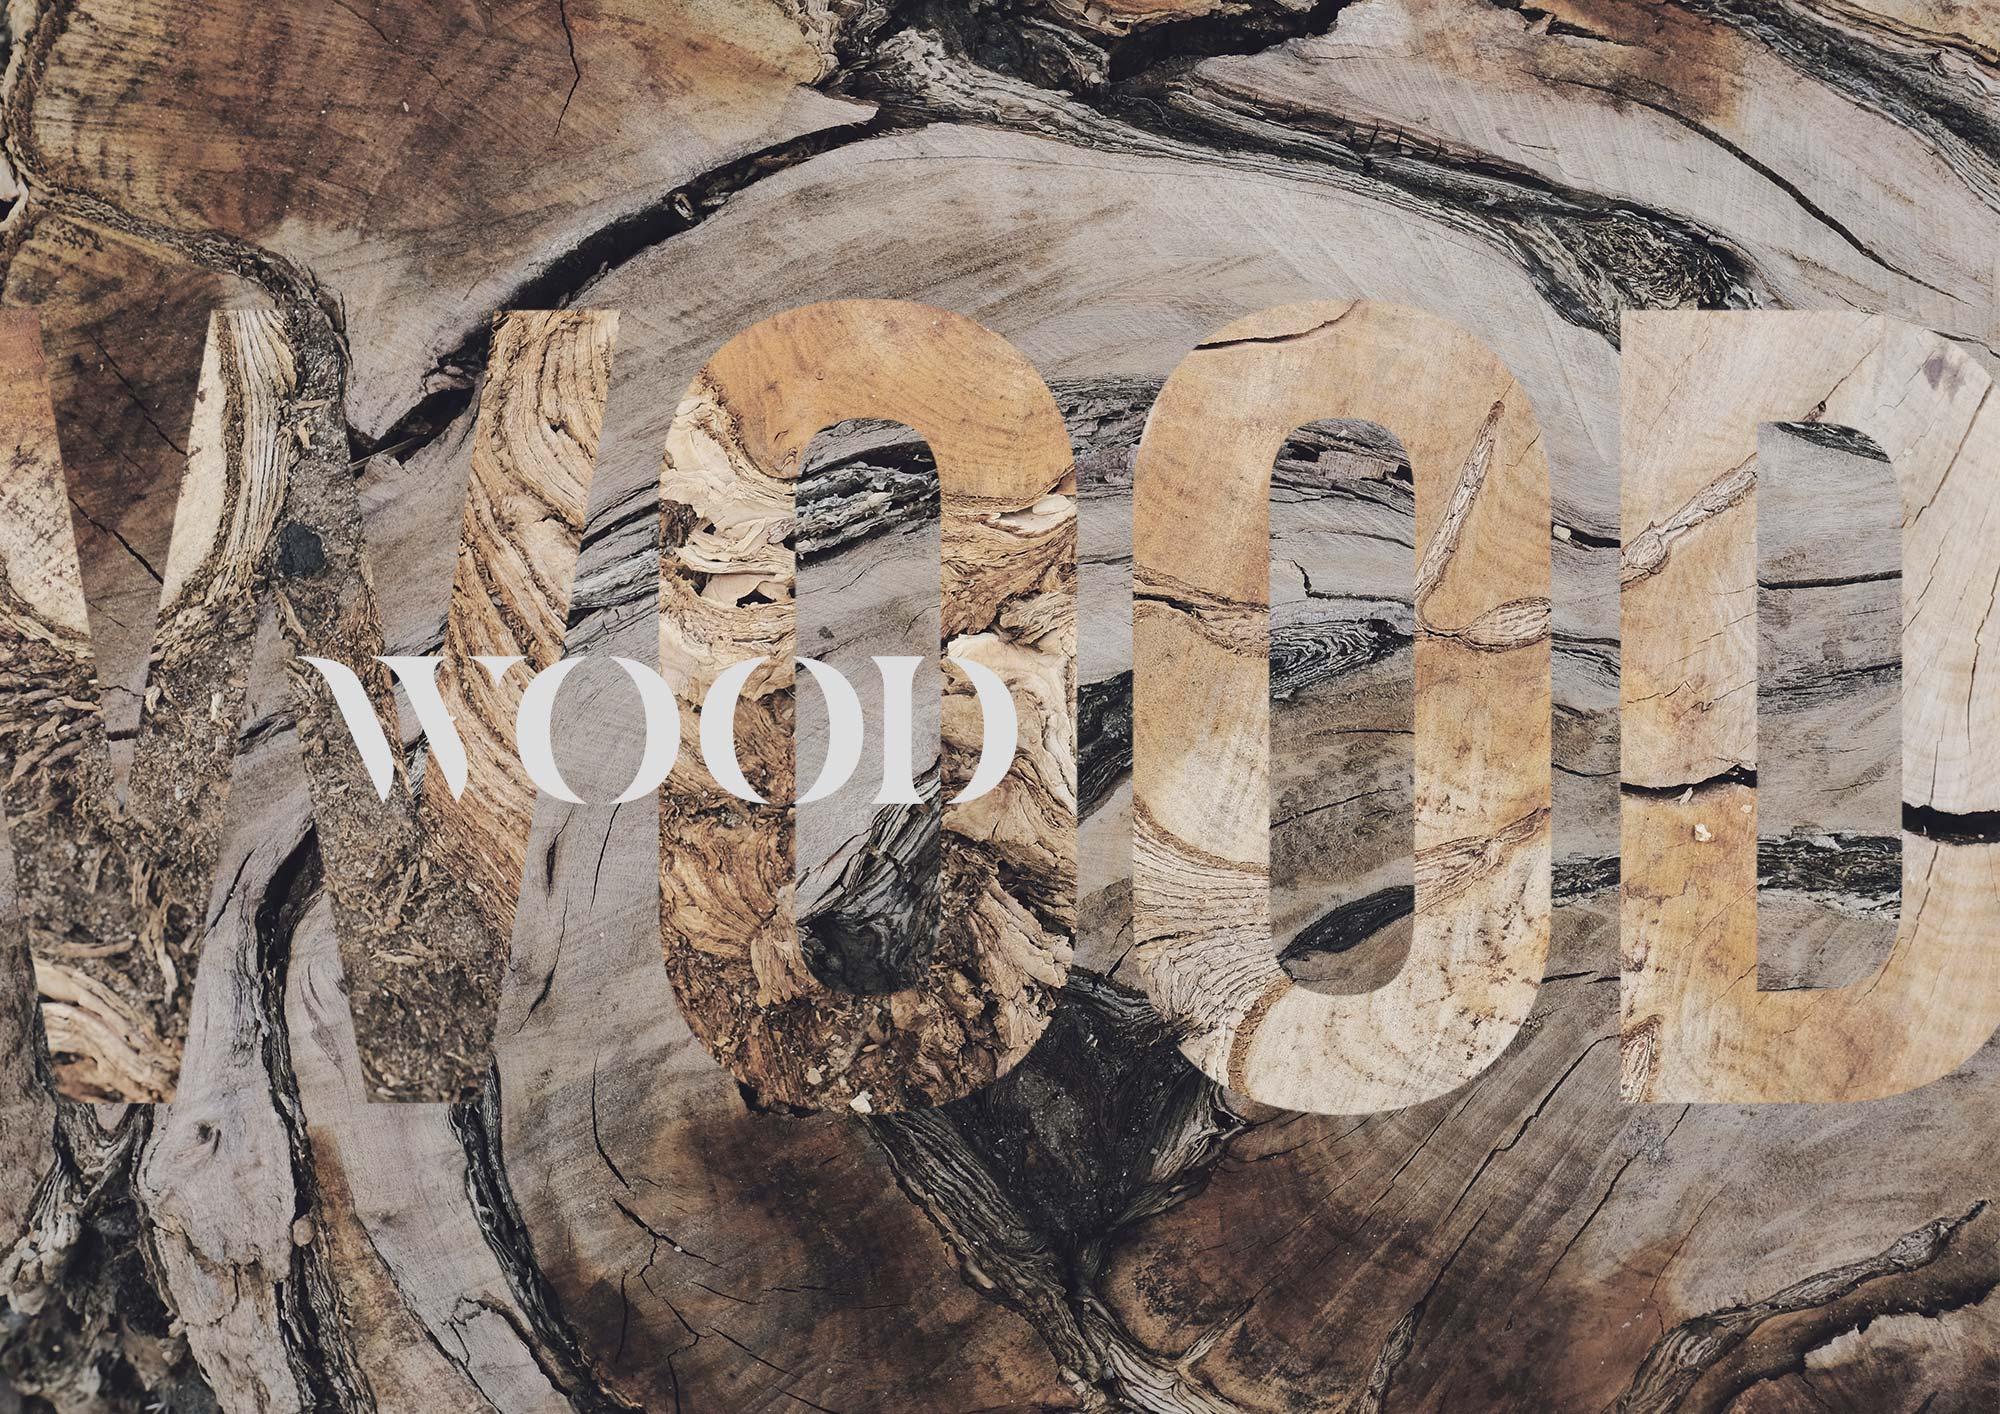 wood sitab